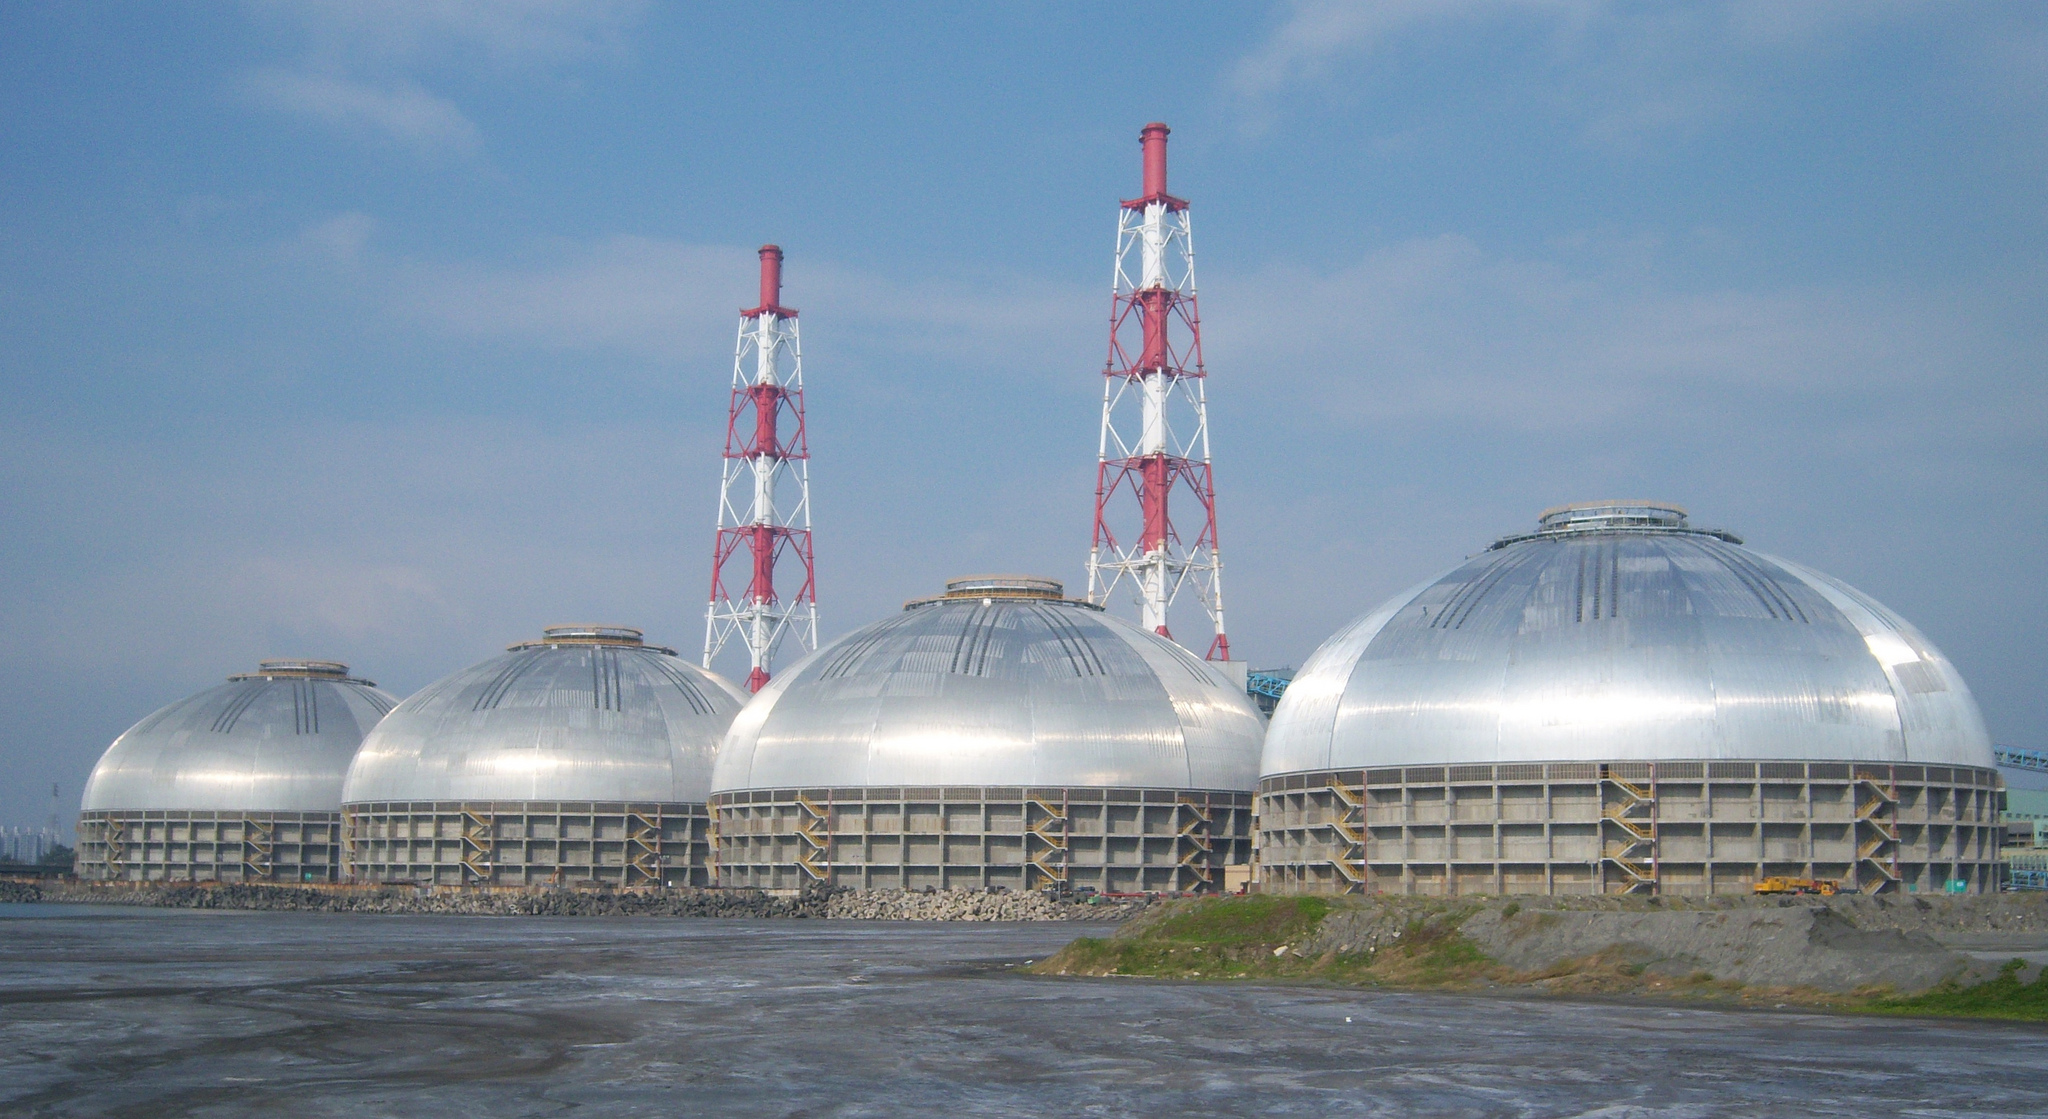 4 x 126m Tai Power, domos de almacenamiento de carbón en Kaohsiung, Taiwán.